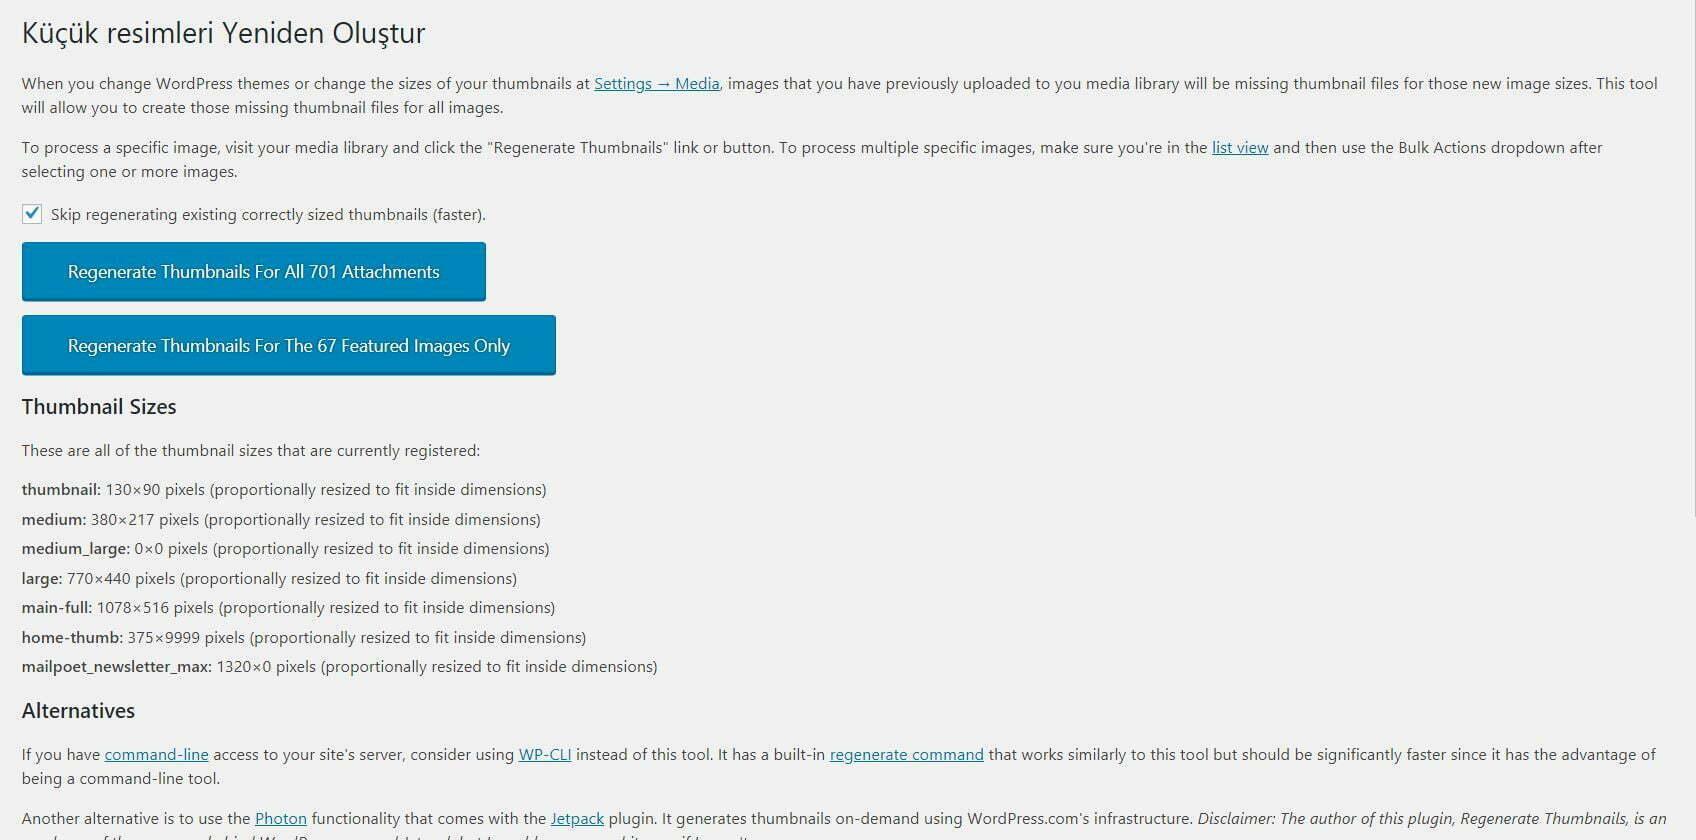 Regenerate thumbnails eklentisi nasıl kullanılır? Eklenti ayarları sayfası